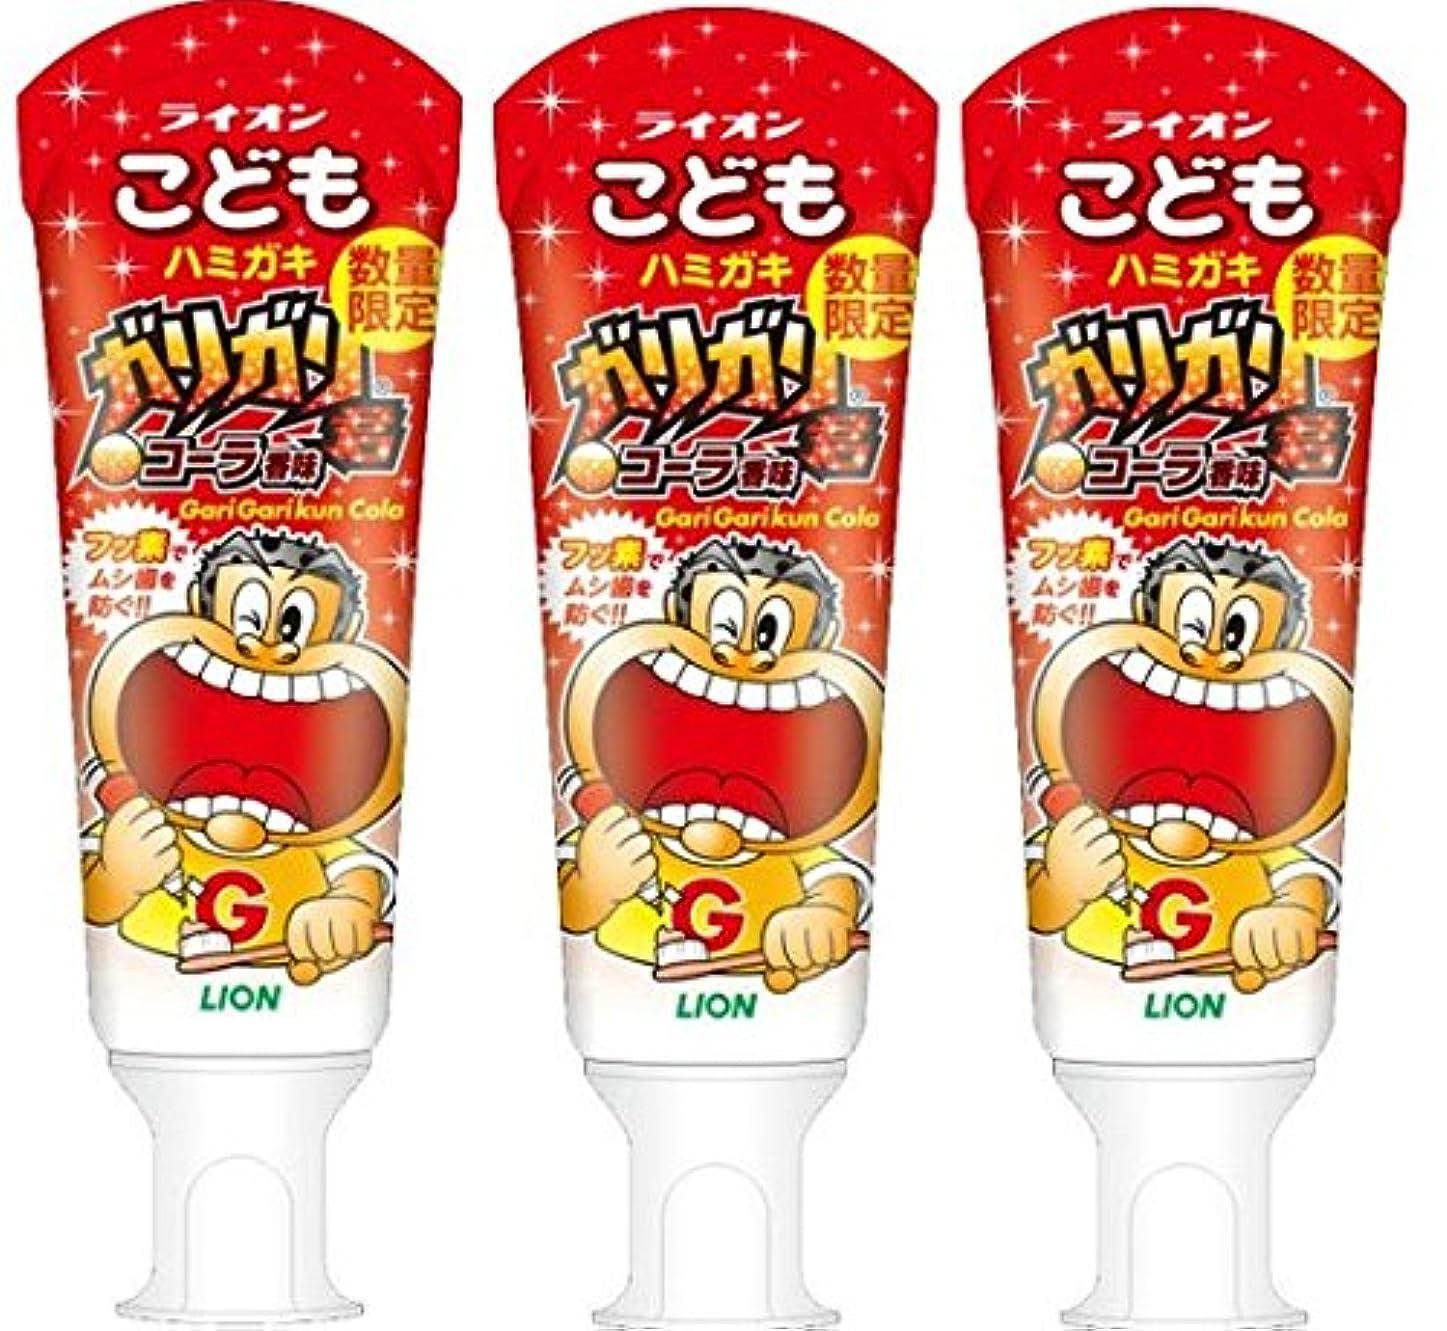 すずめ合理化同情的【お買い得セット】 こどもハミガキ ガリガリ君 コーラ香味 3本